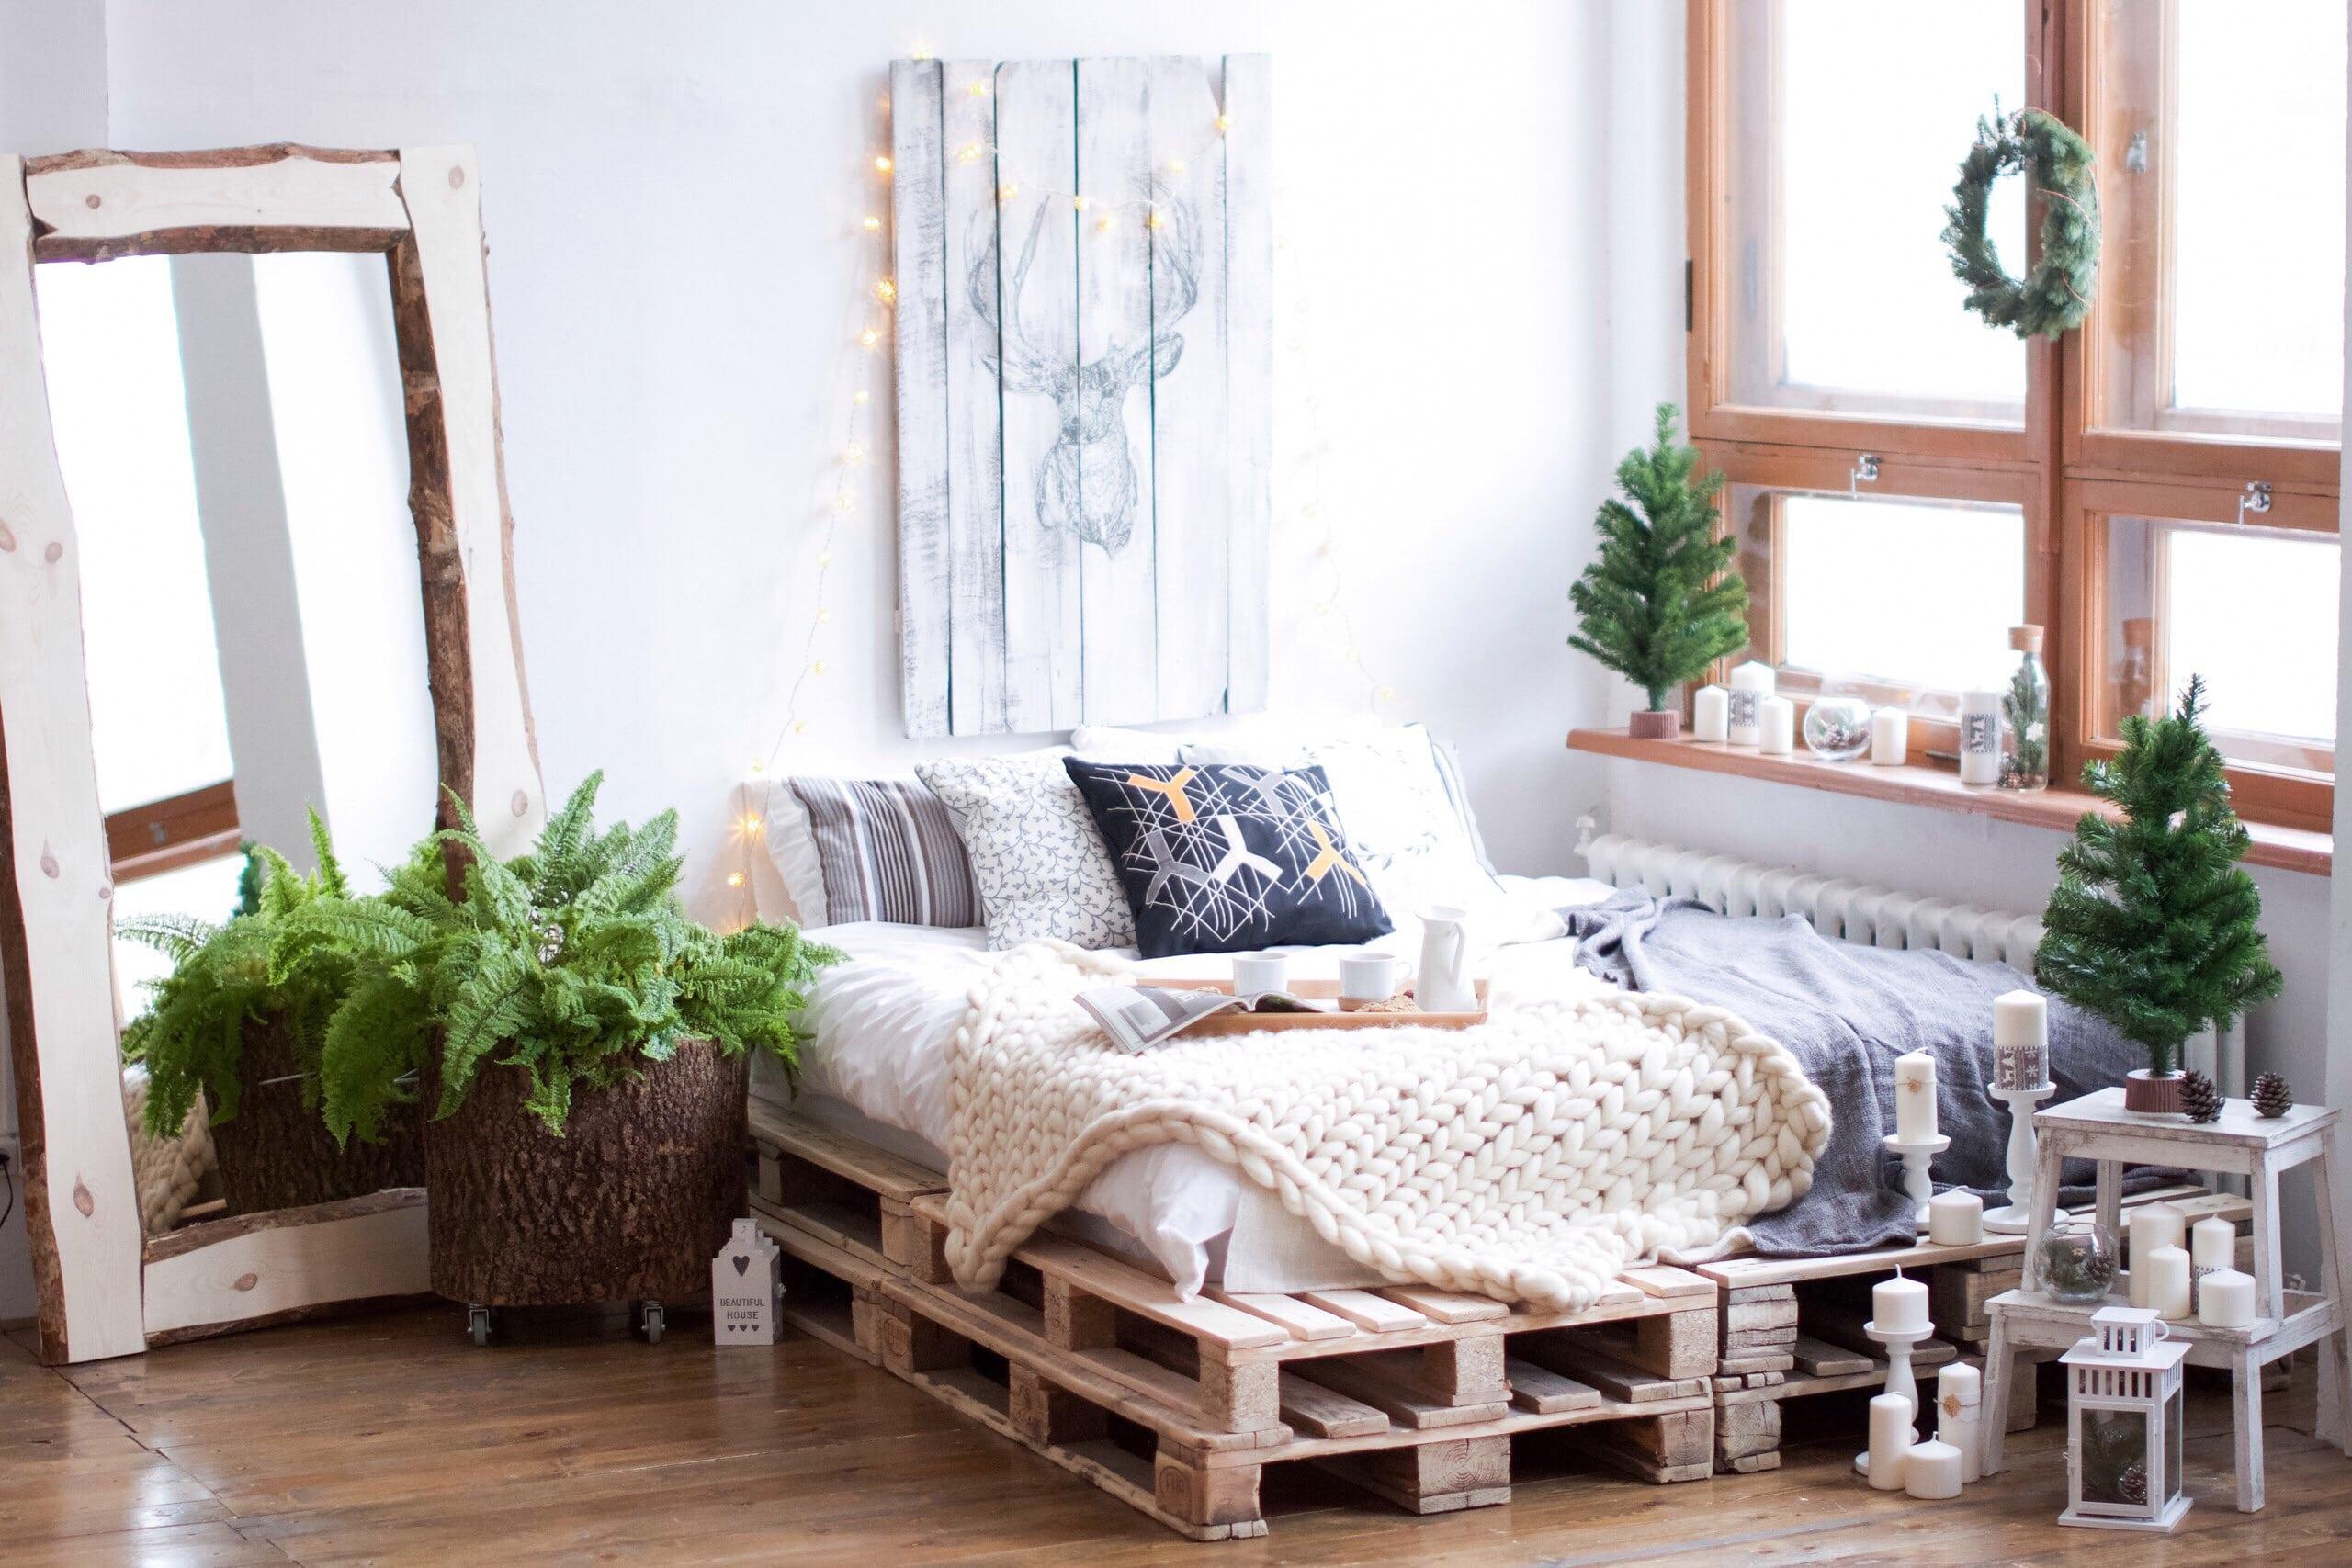 Chill Bedroom Vibe Ideas